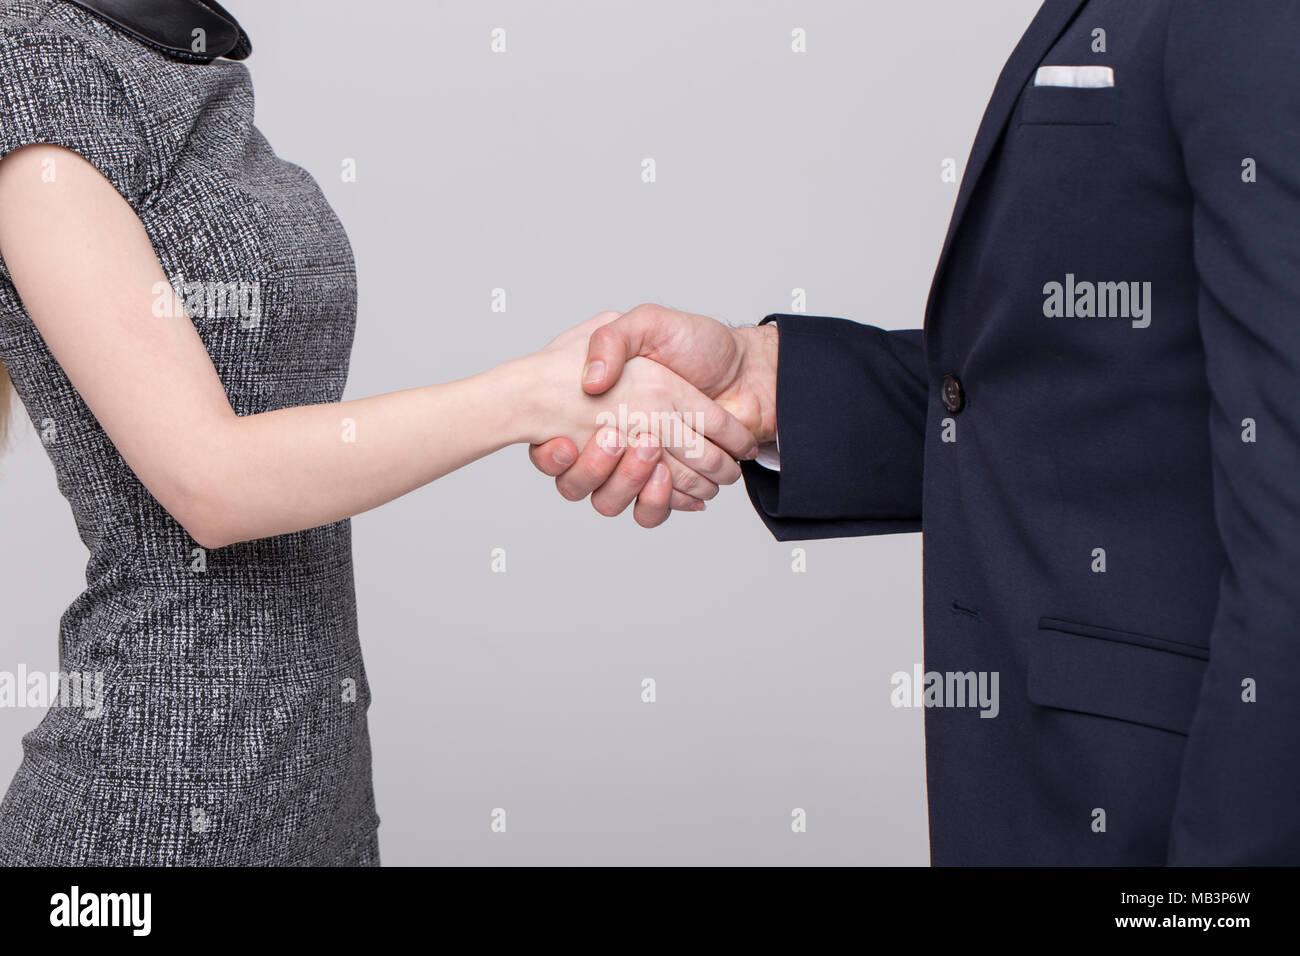 Imprenditore e imprenditrice in abbigliamento formale closeup handshake su sfondo grigio Immagini Stock